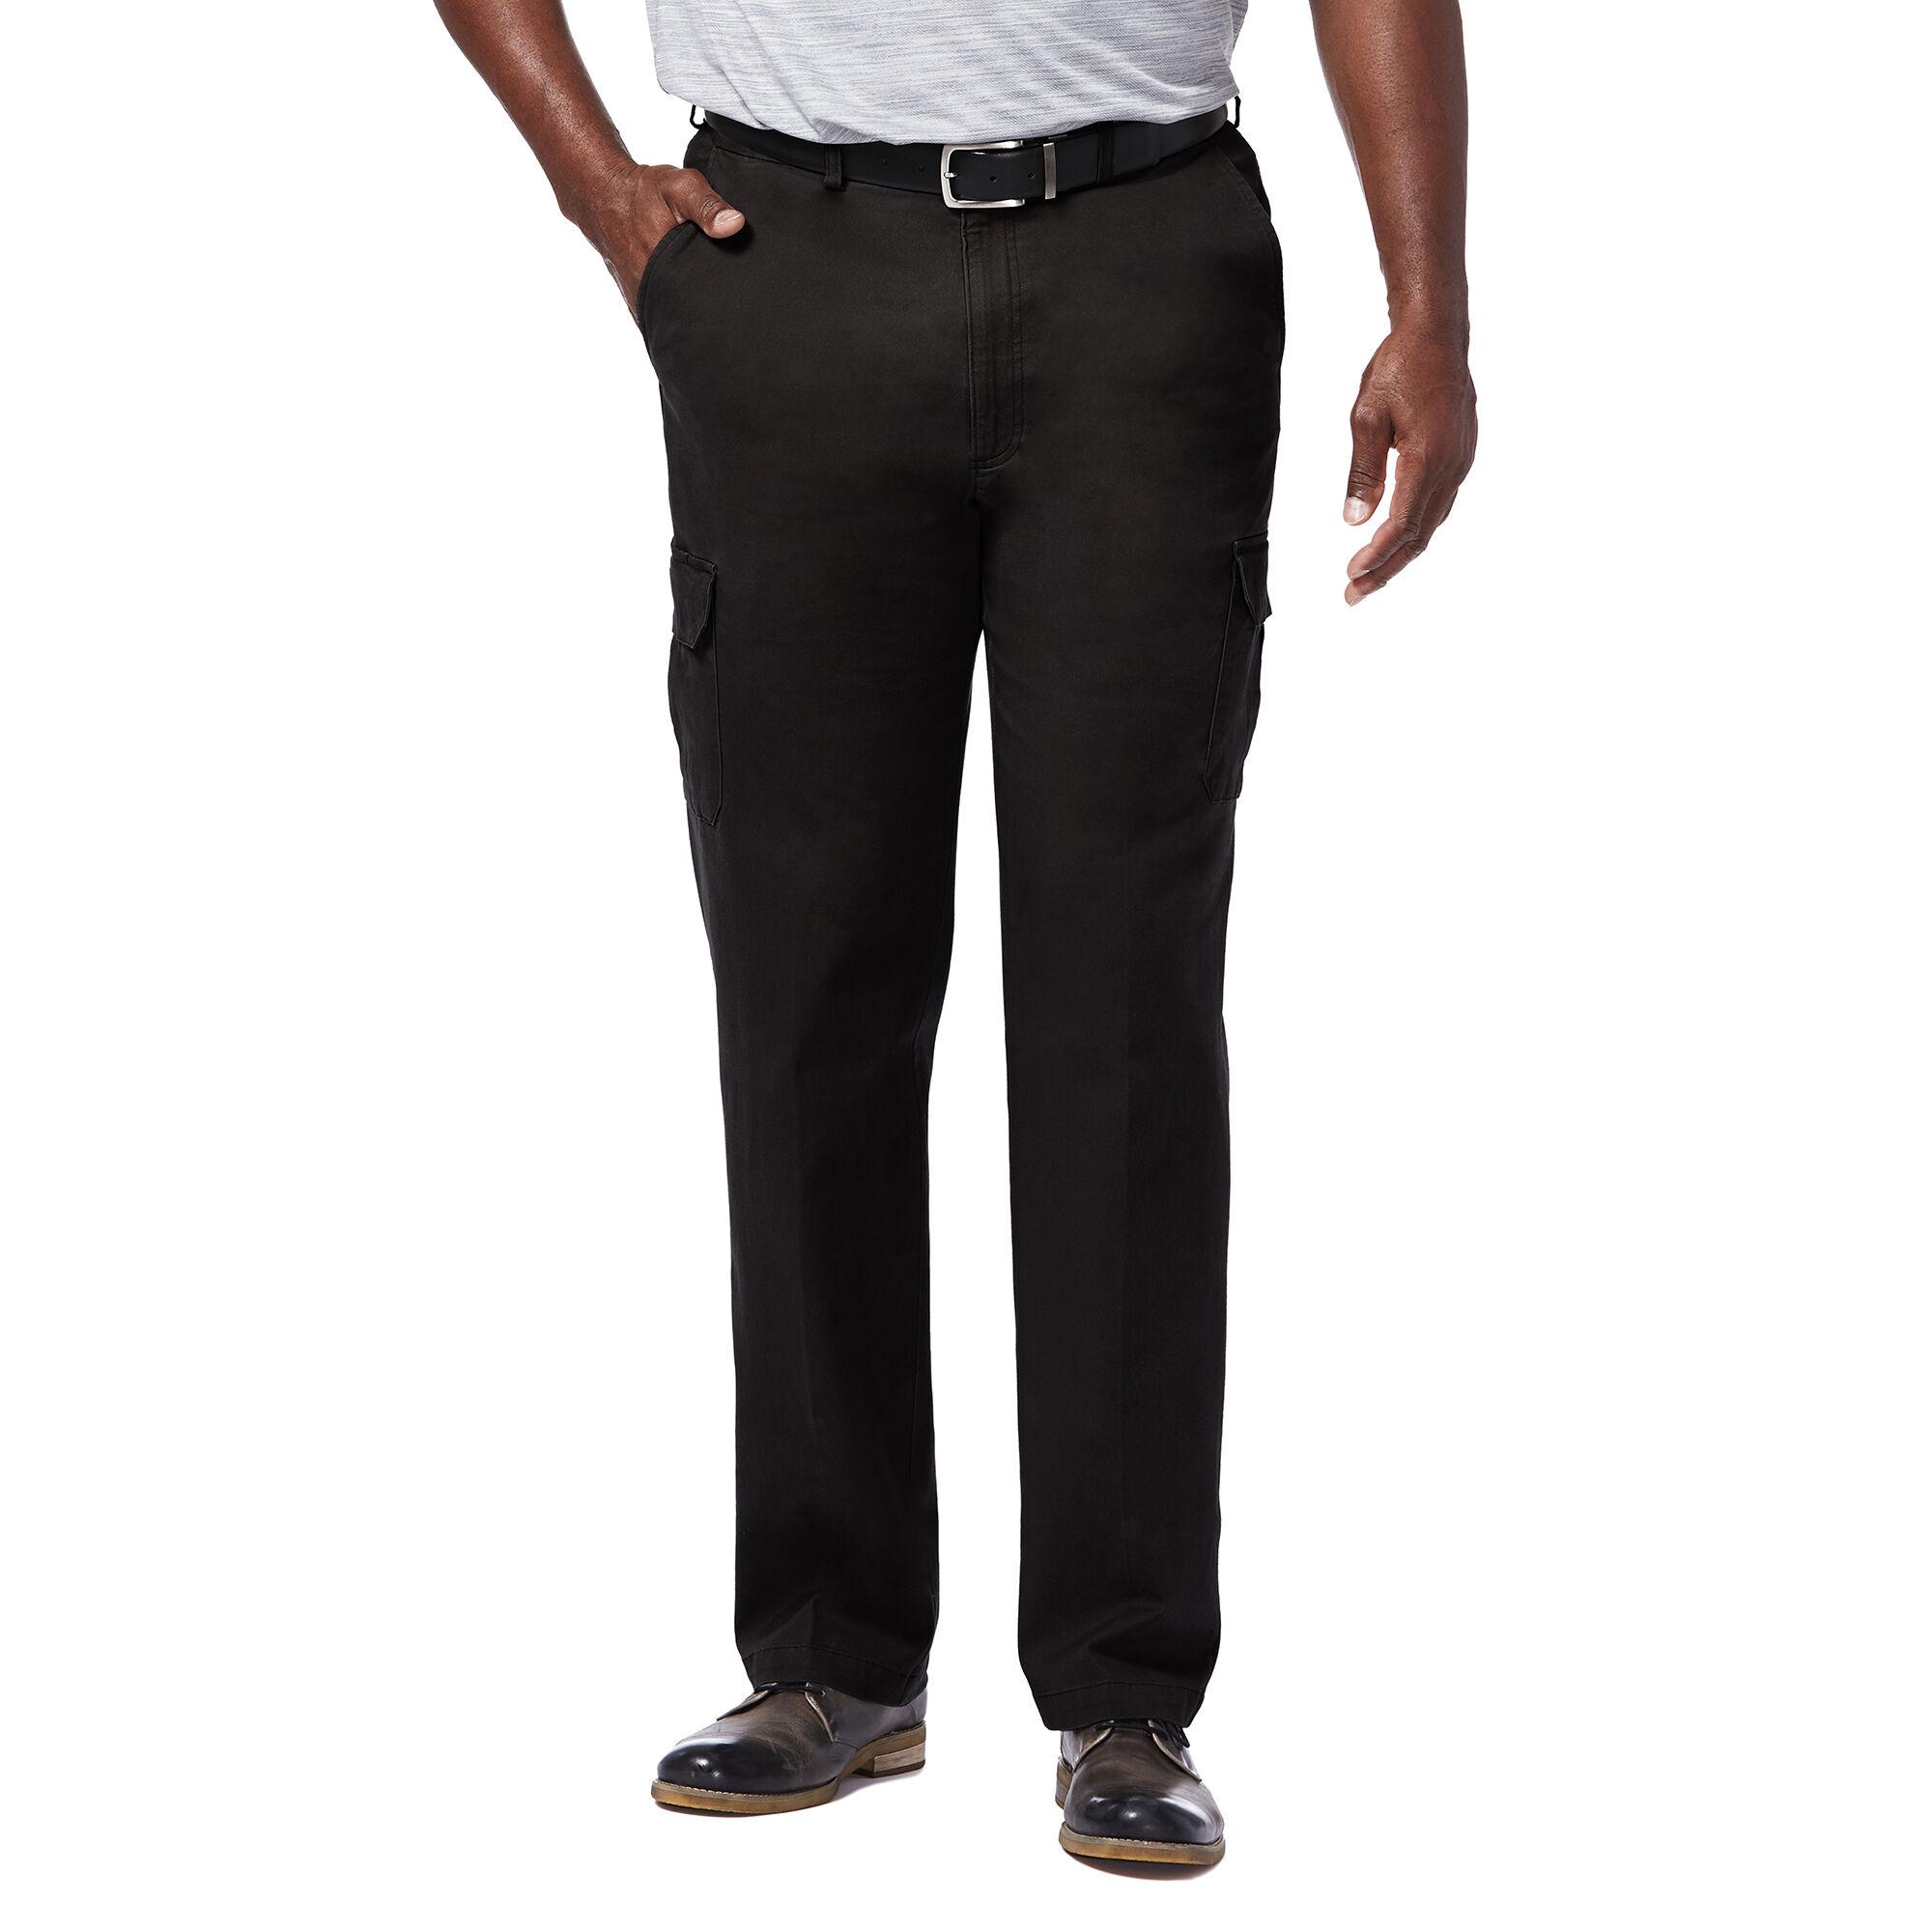 2287e5e3 Big & Tall Stretch Comfort Cargo Pant | Men's Pants | Haggar